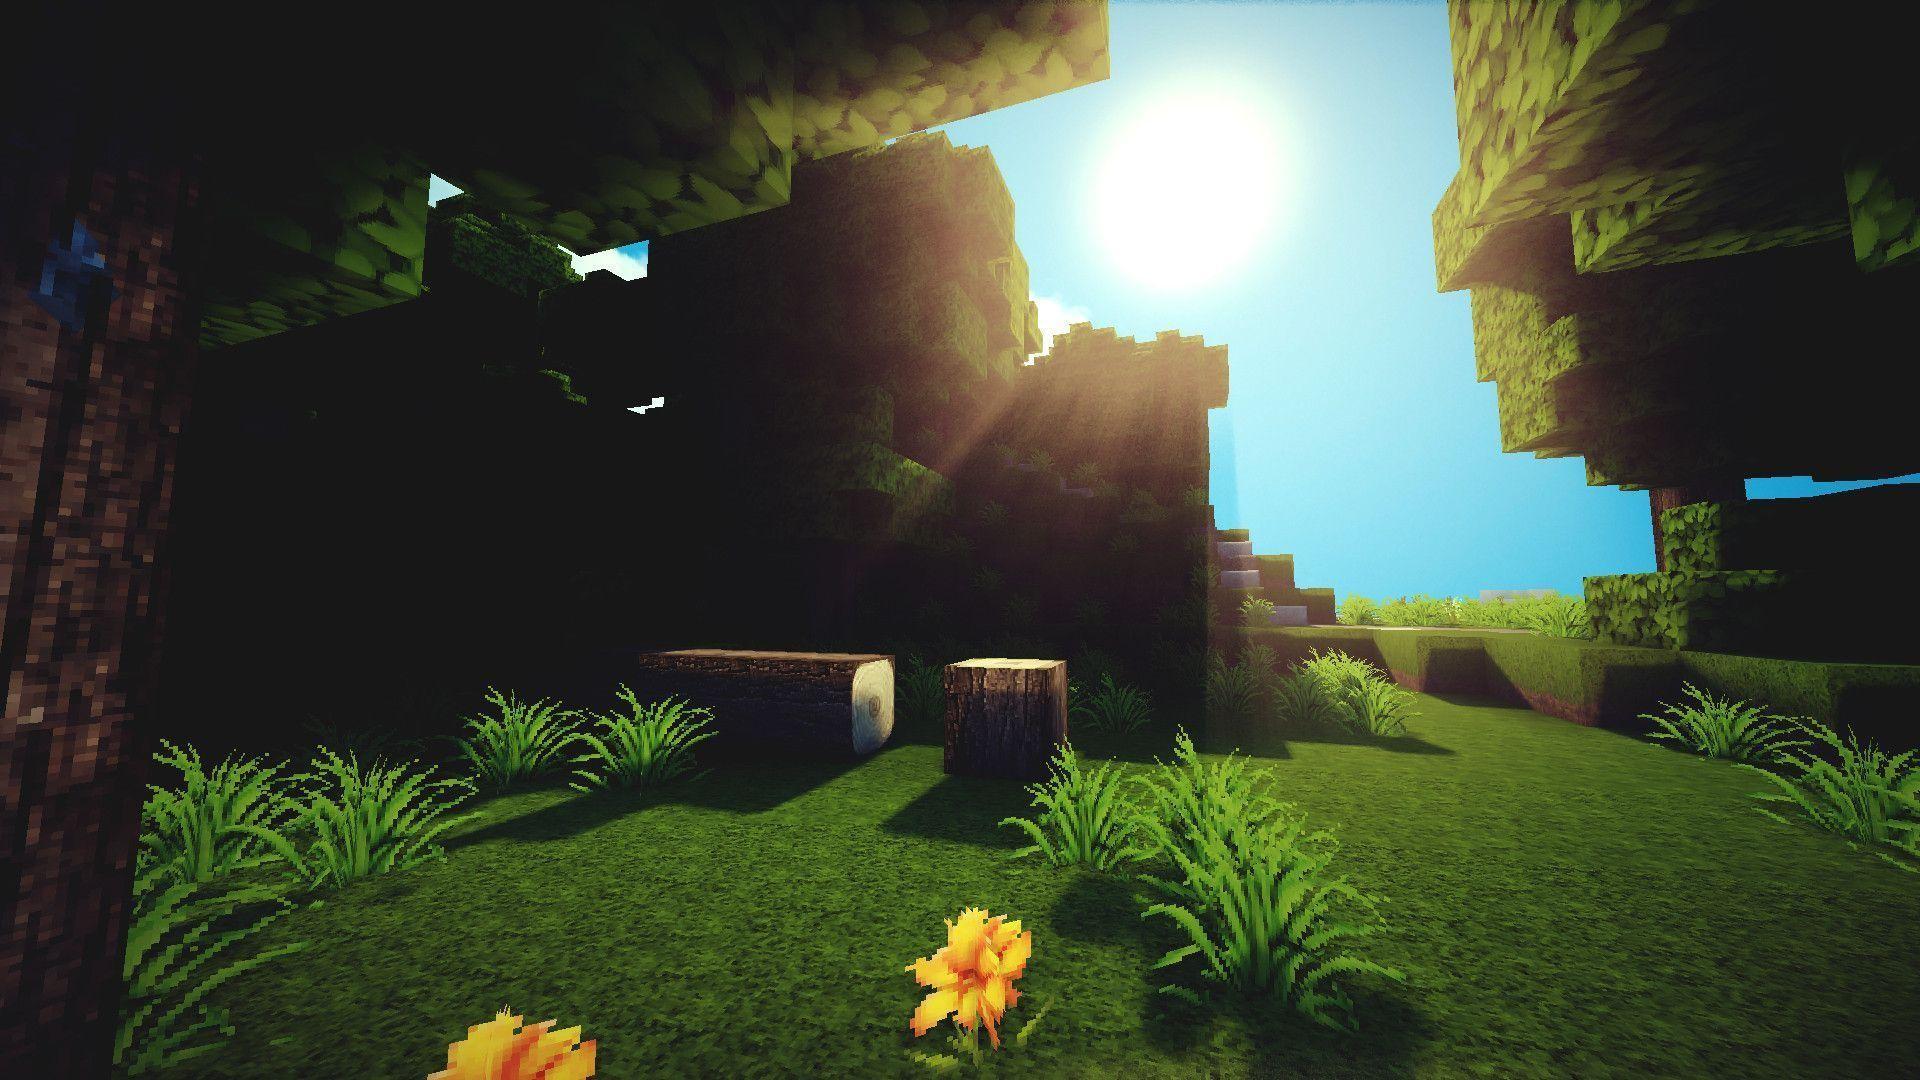 Hình nền Minecraft cực đẹp một góc vườn đầy nắng